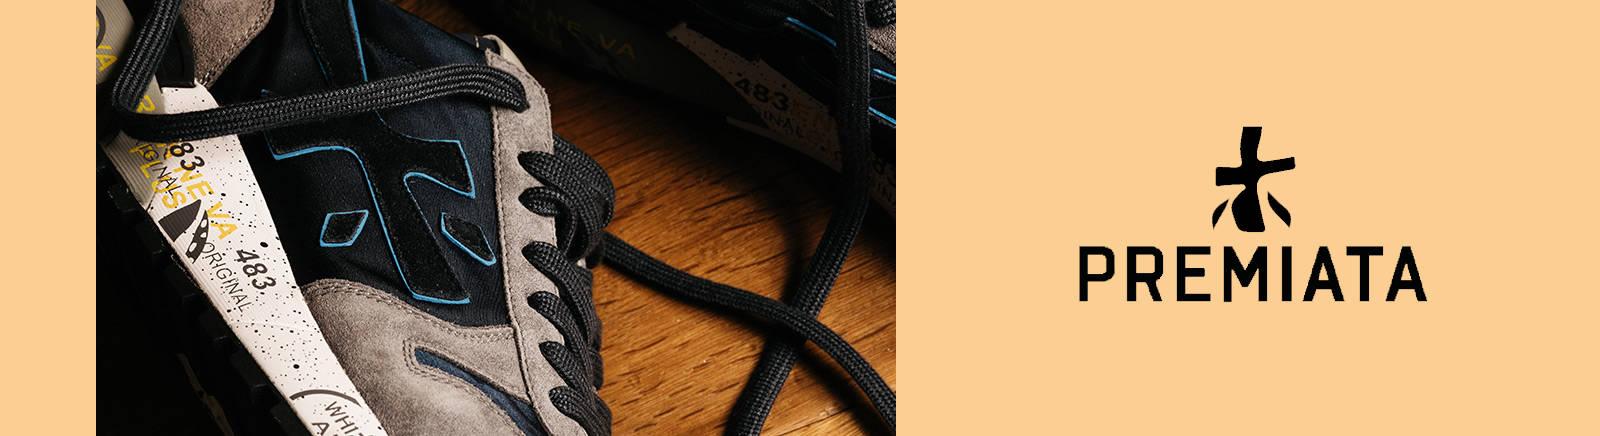 Premiata Herren Schuhe online kaufen » hier im GISY Shop